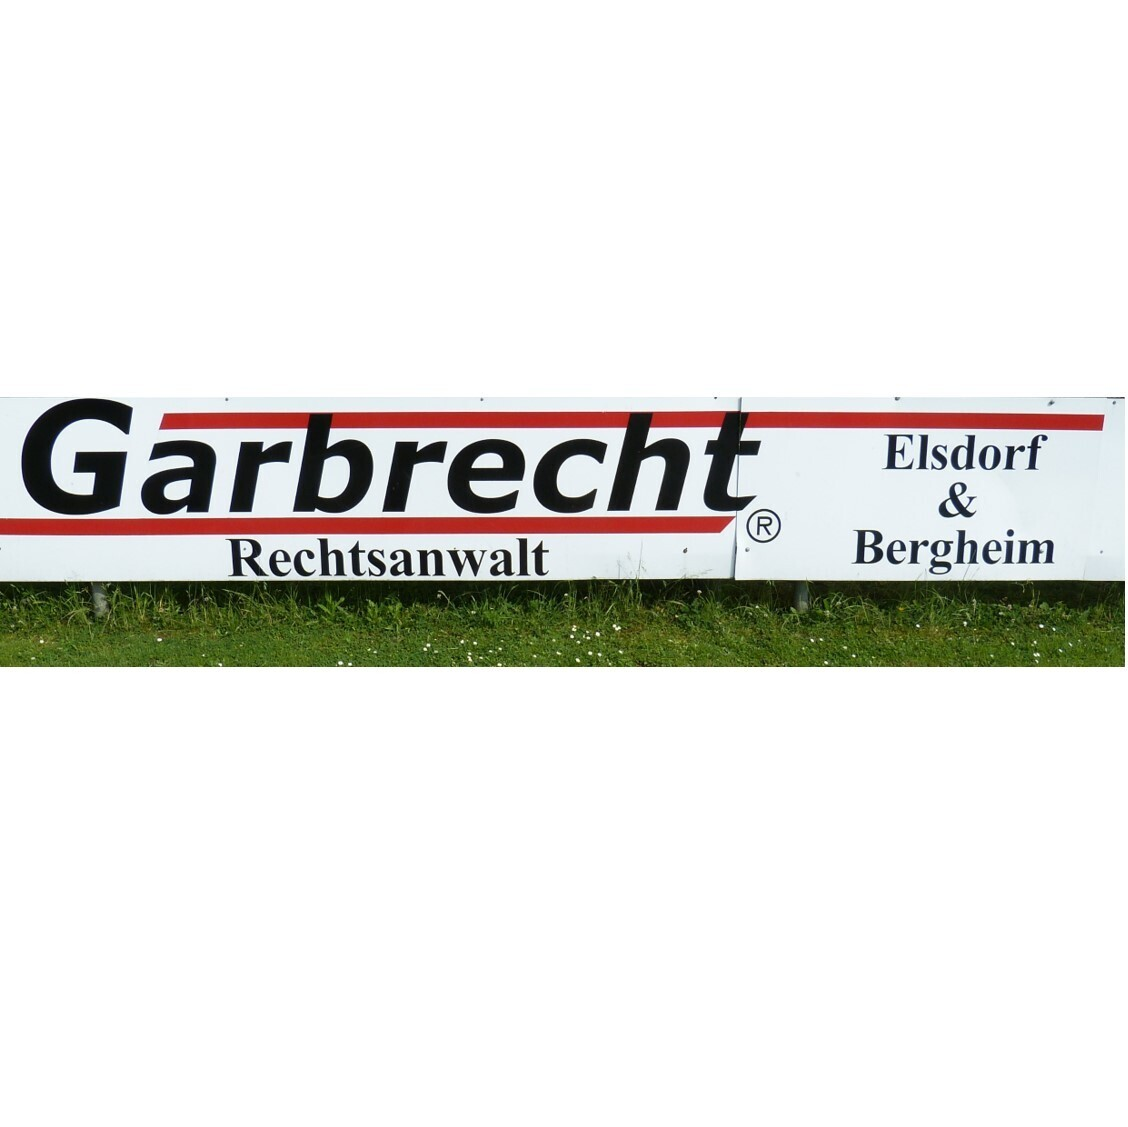 Garbrecht